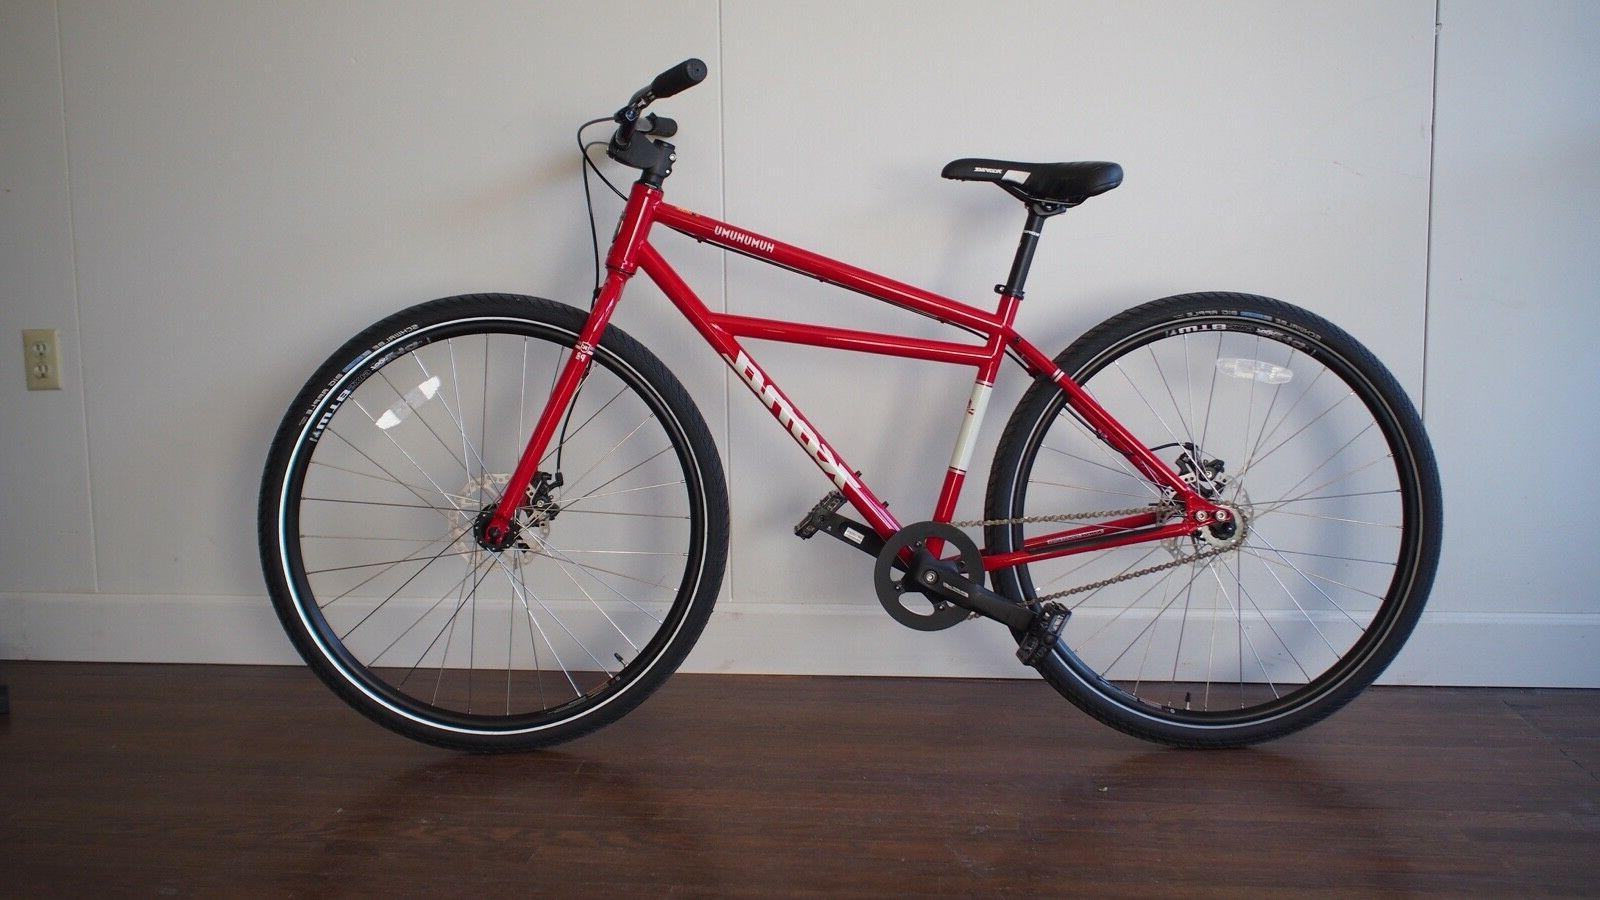 humuhumu 29er bmx cruiser bicycle small red